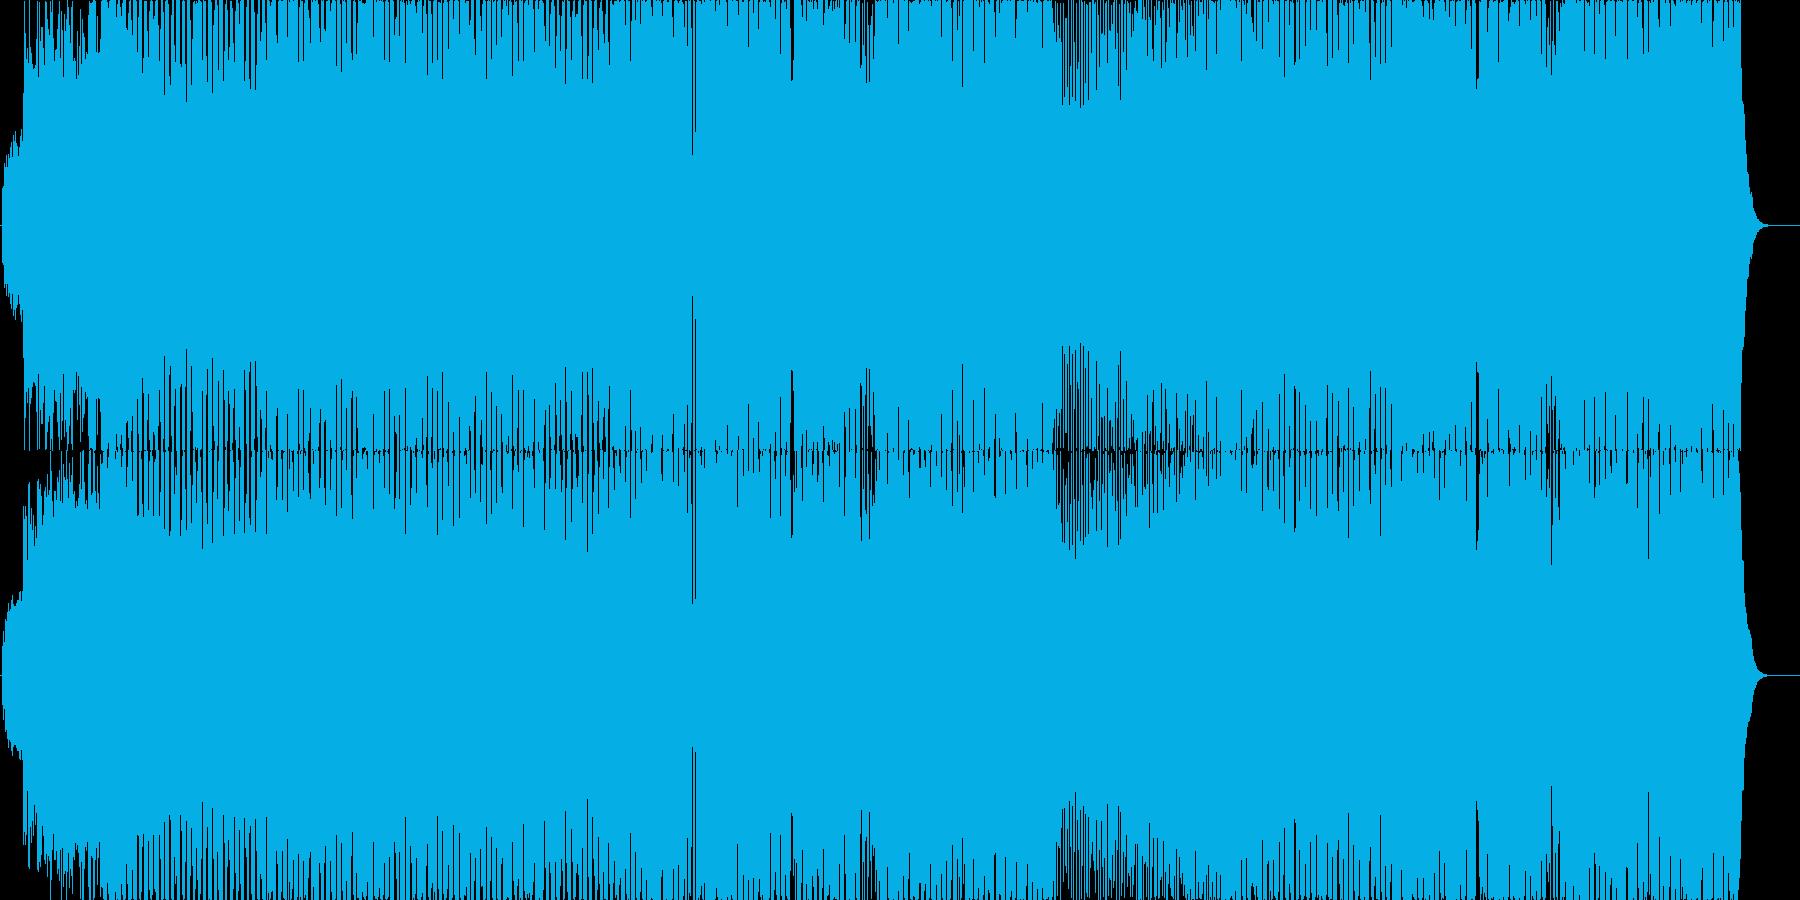 バトル競争オープニング激しさのBGMの再生済みの波形